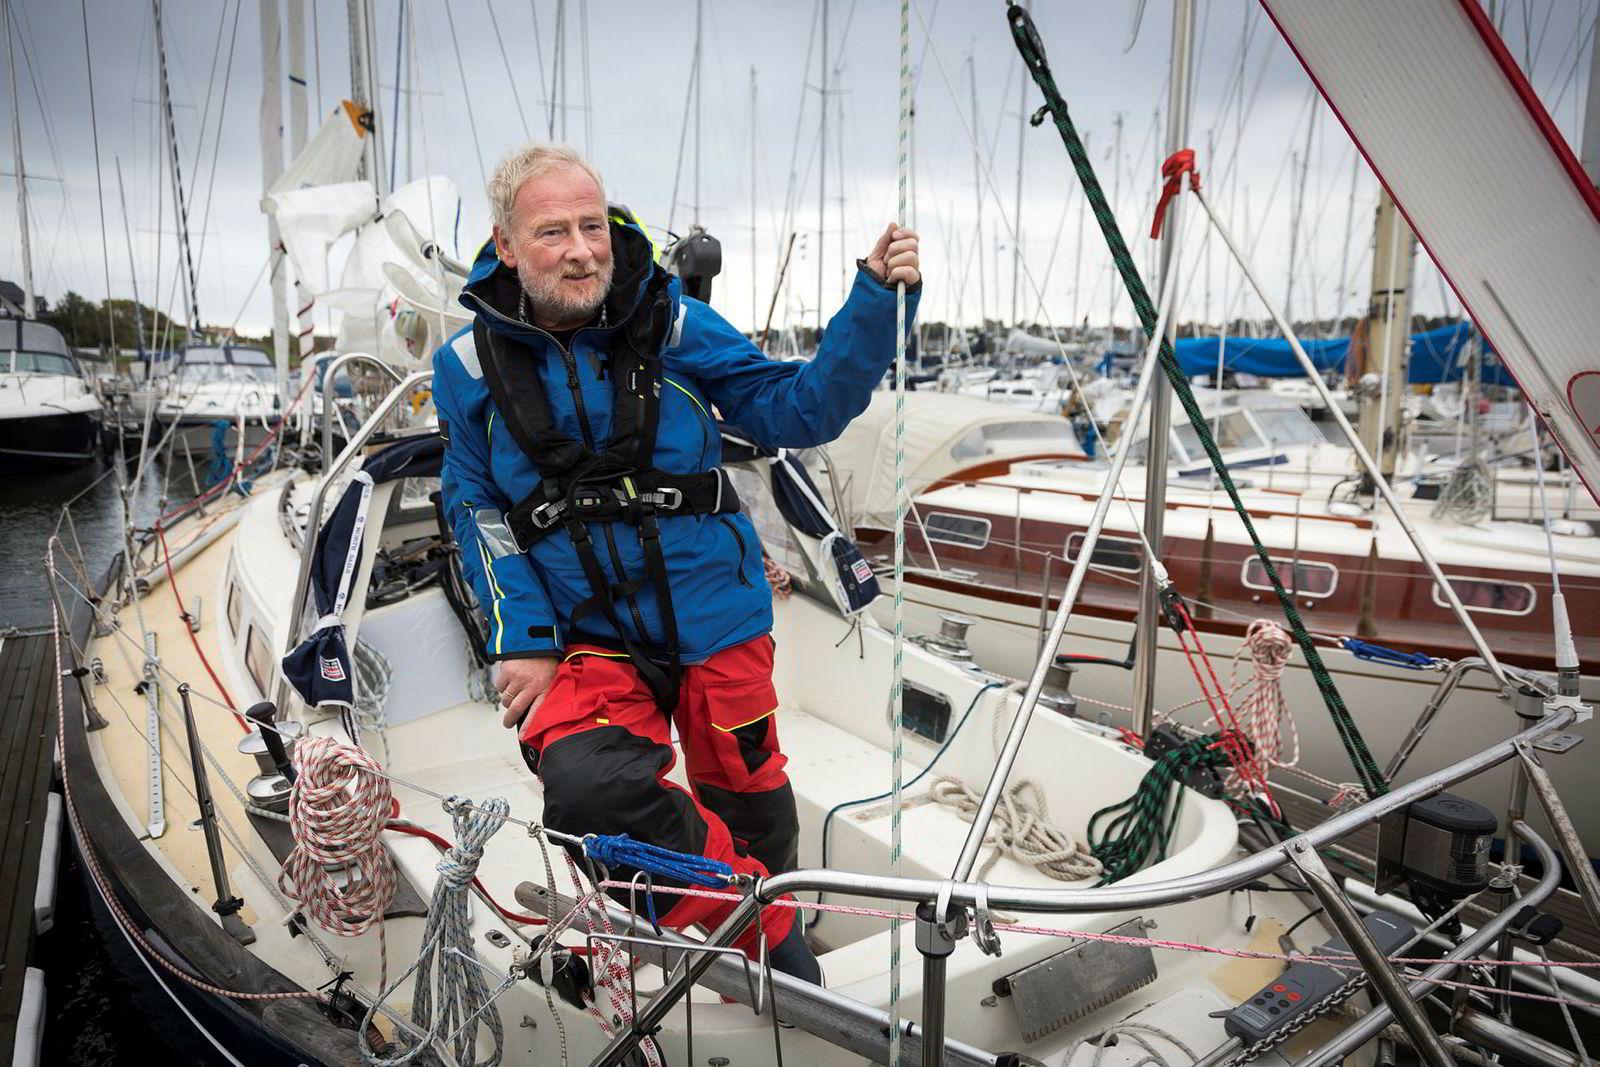 Wiig har jobbet lenge med å tilpasse sin OE32-klasse-seilbåt til konkurransereglene i Golden Globe Race. Her har han lagt til kai på Jeløya utenfor Moss.